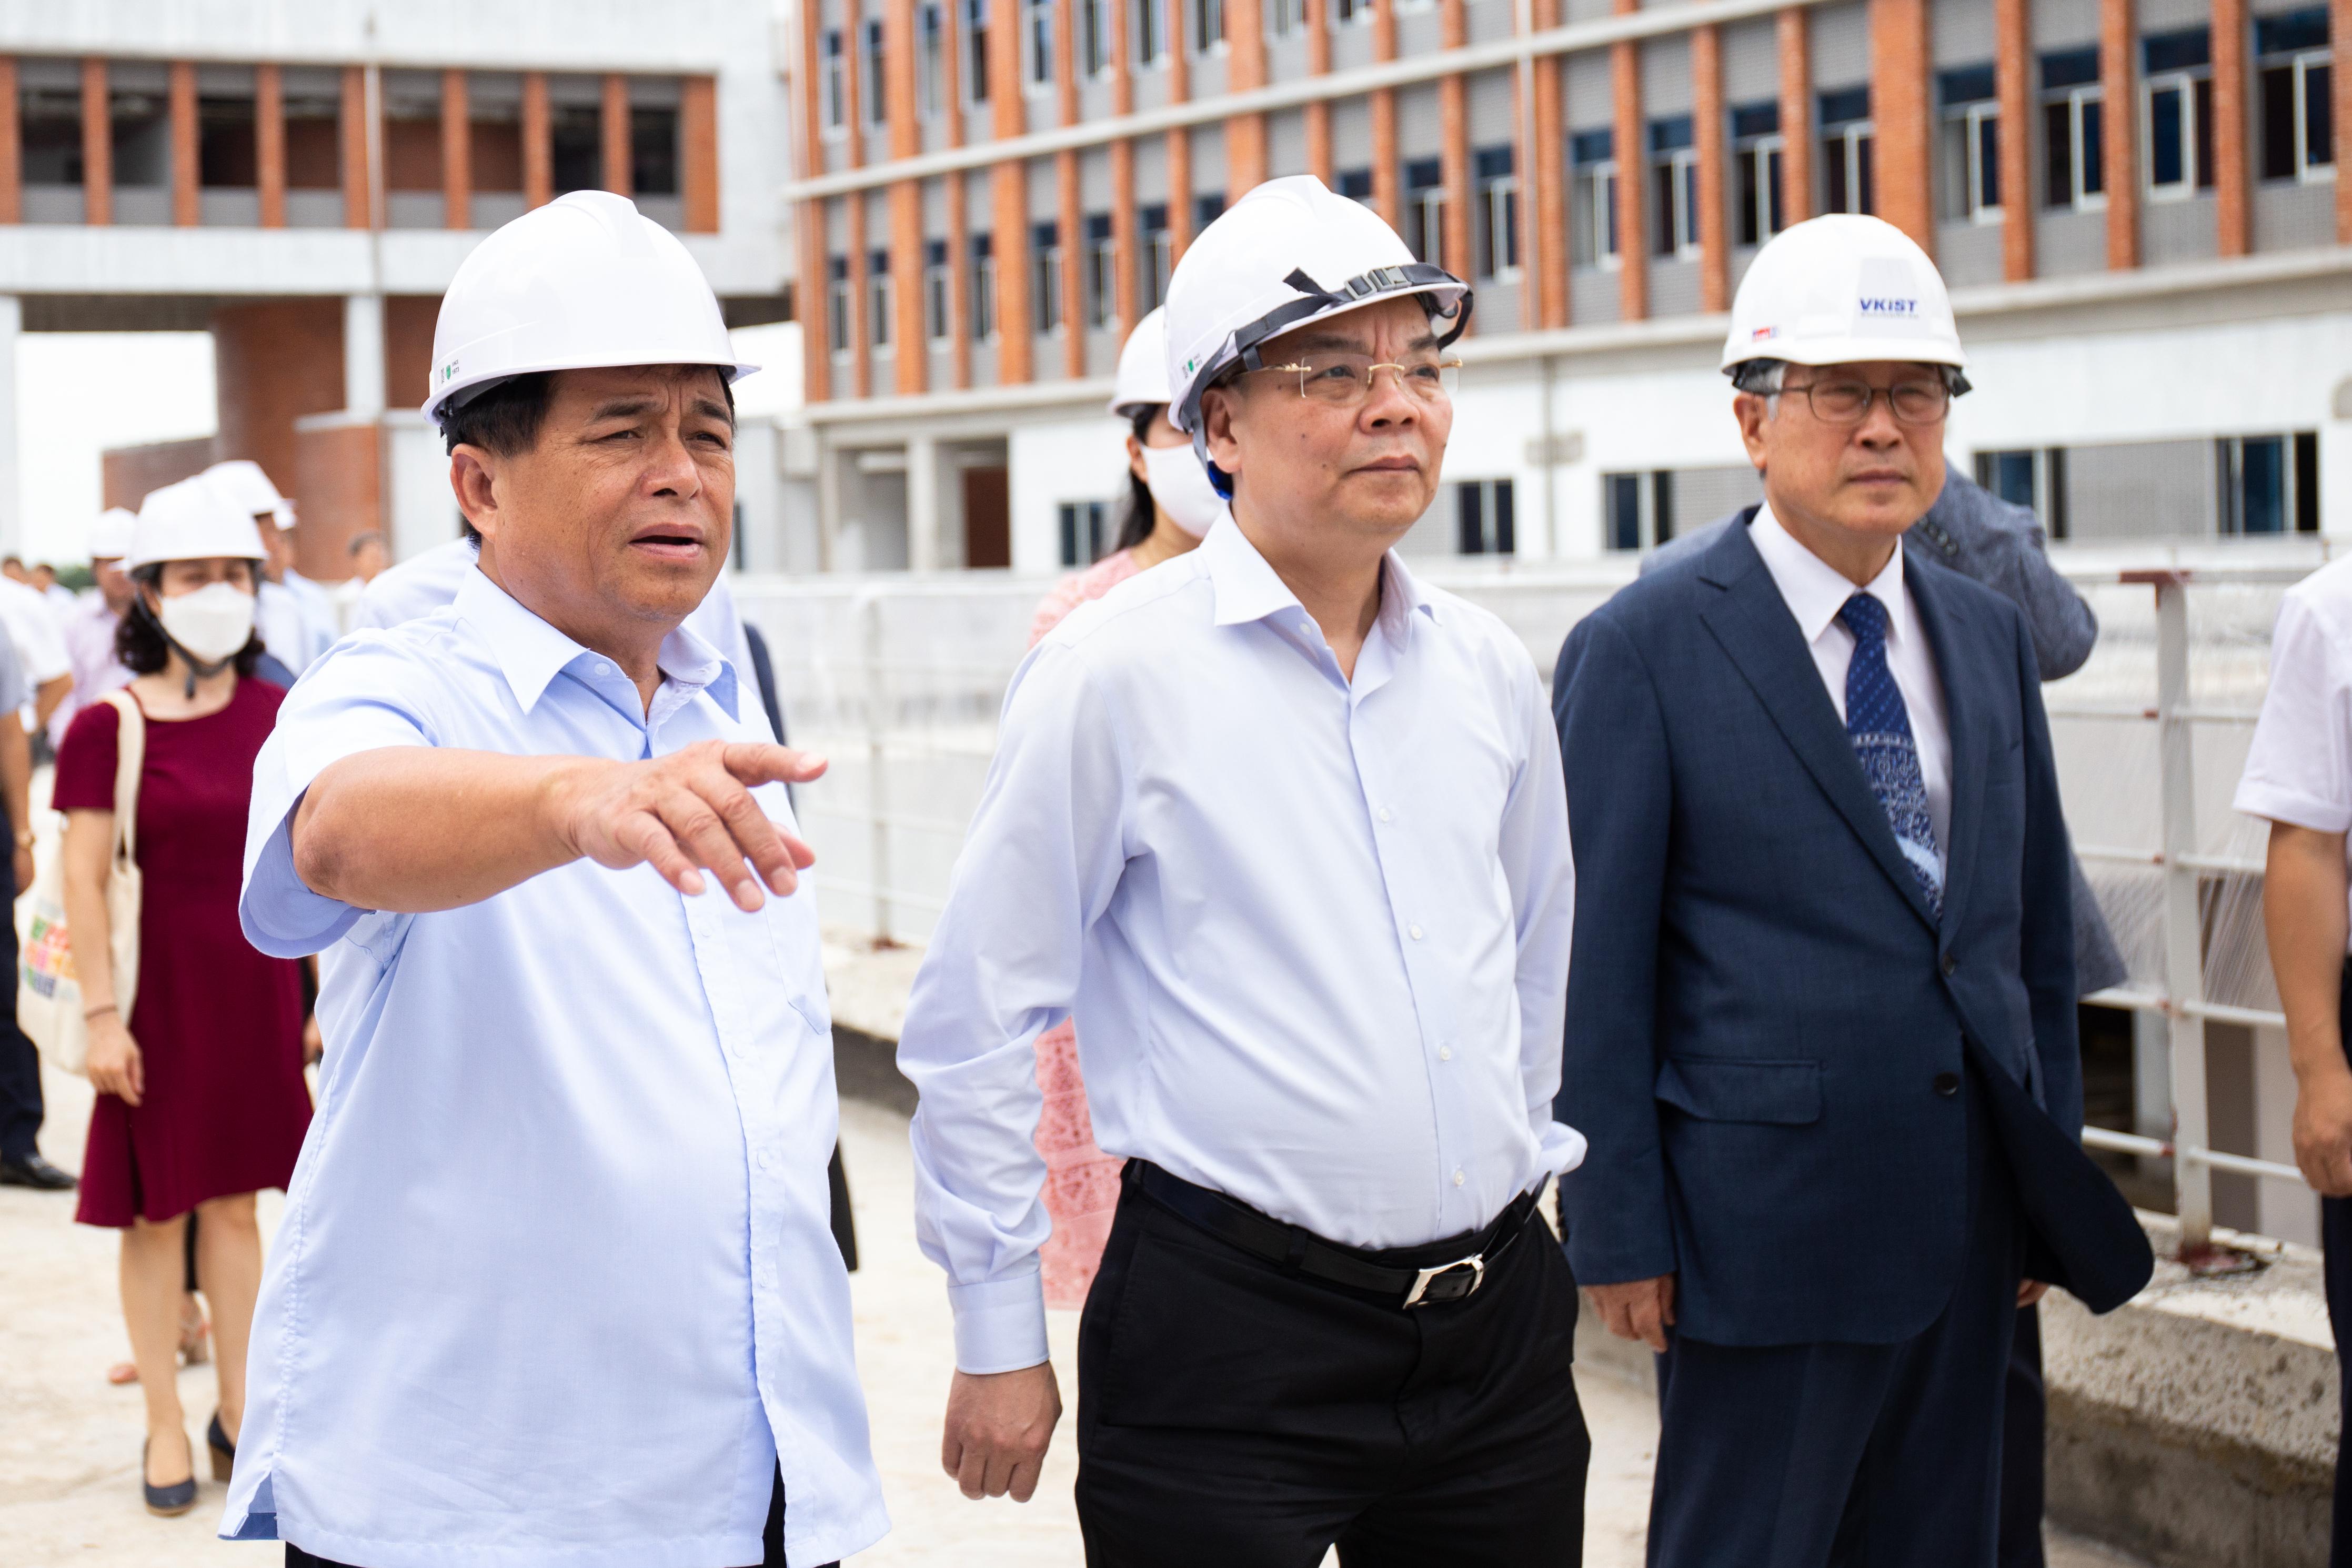 Bộ trưởng Chu Ngọc Anh và Bộ trưởng Nguyễn Chí Dũng đến thăm dự án VKIST. Ảnh: Hoàng Nam